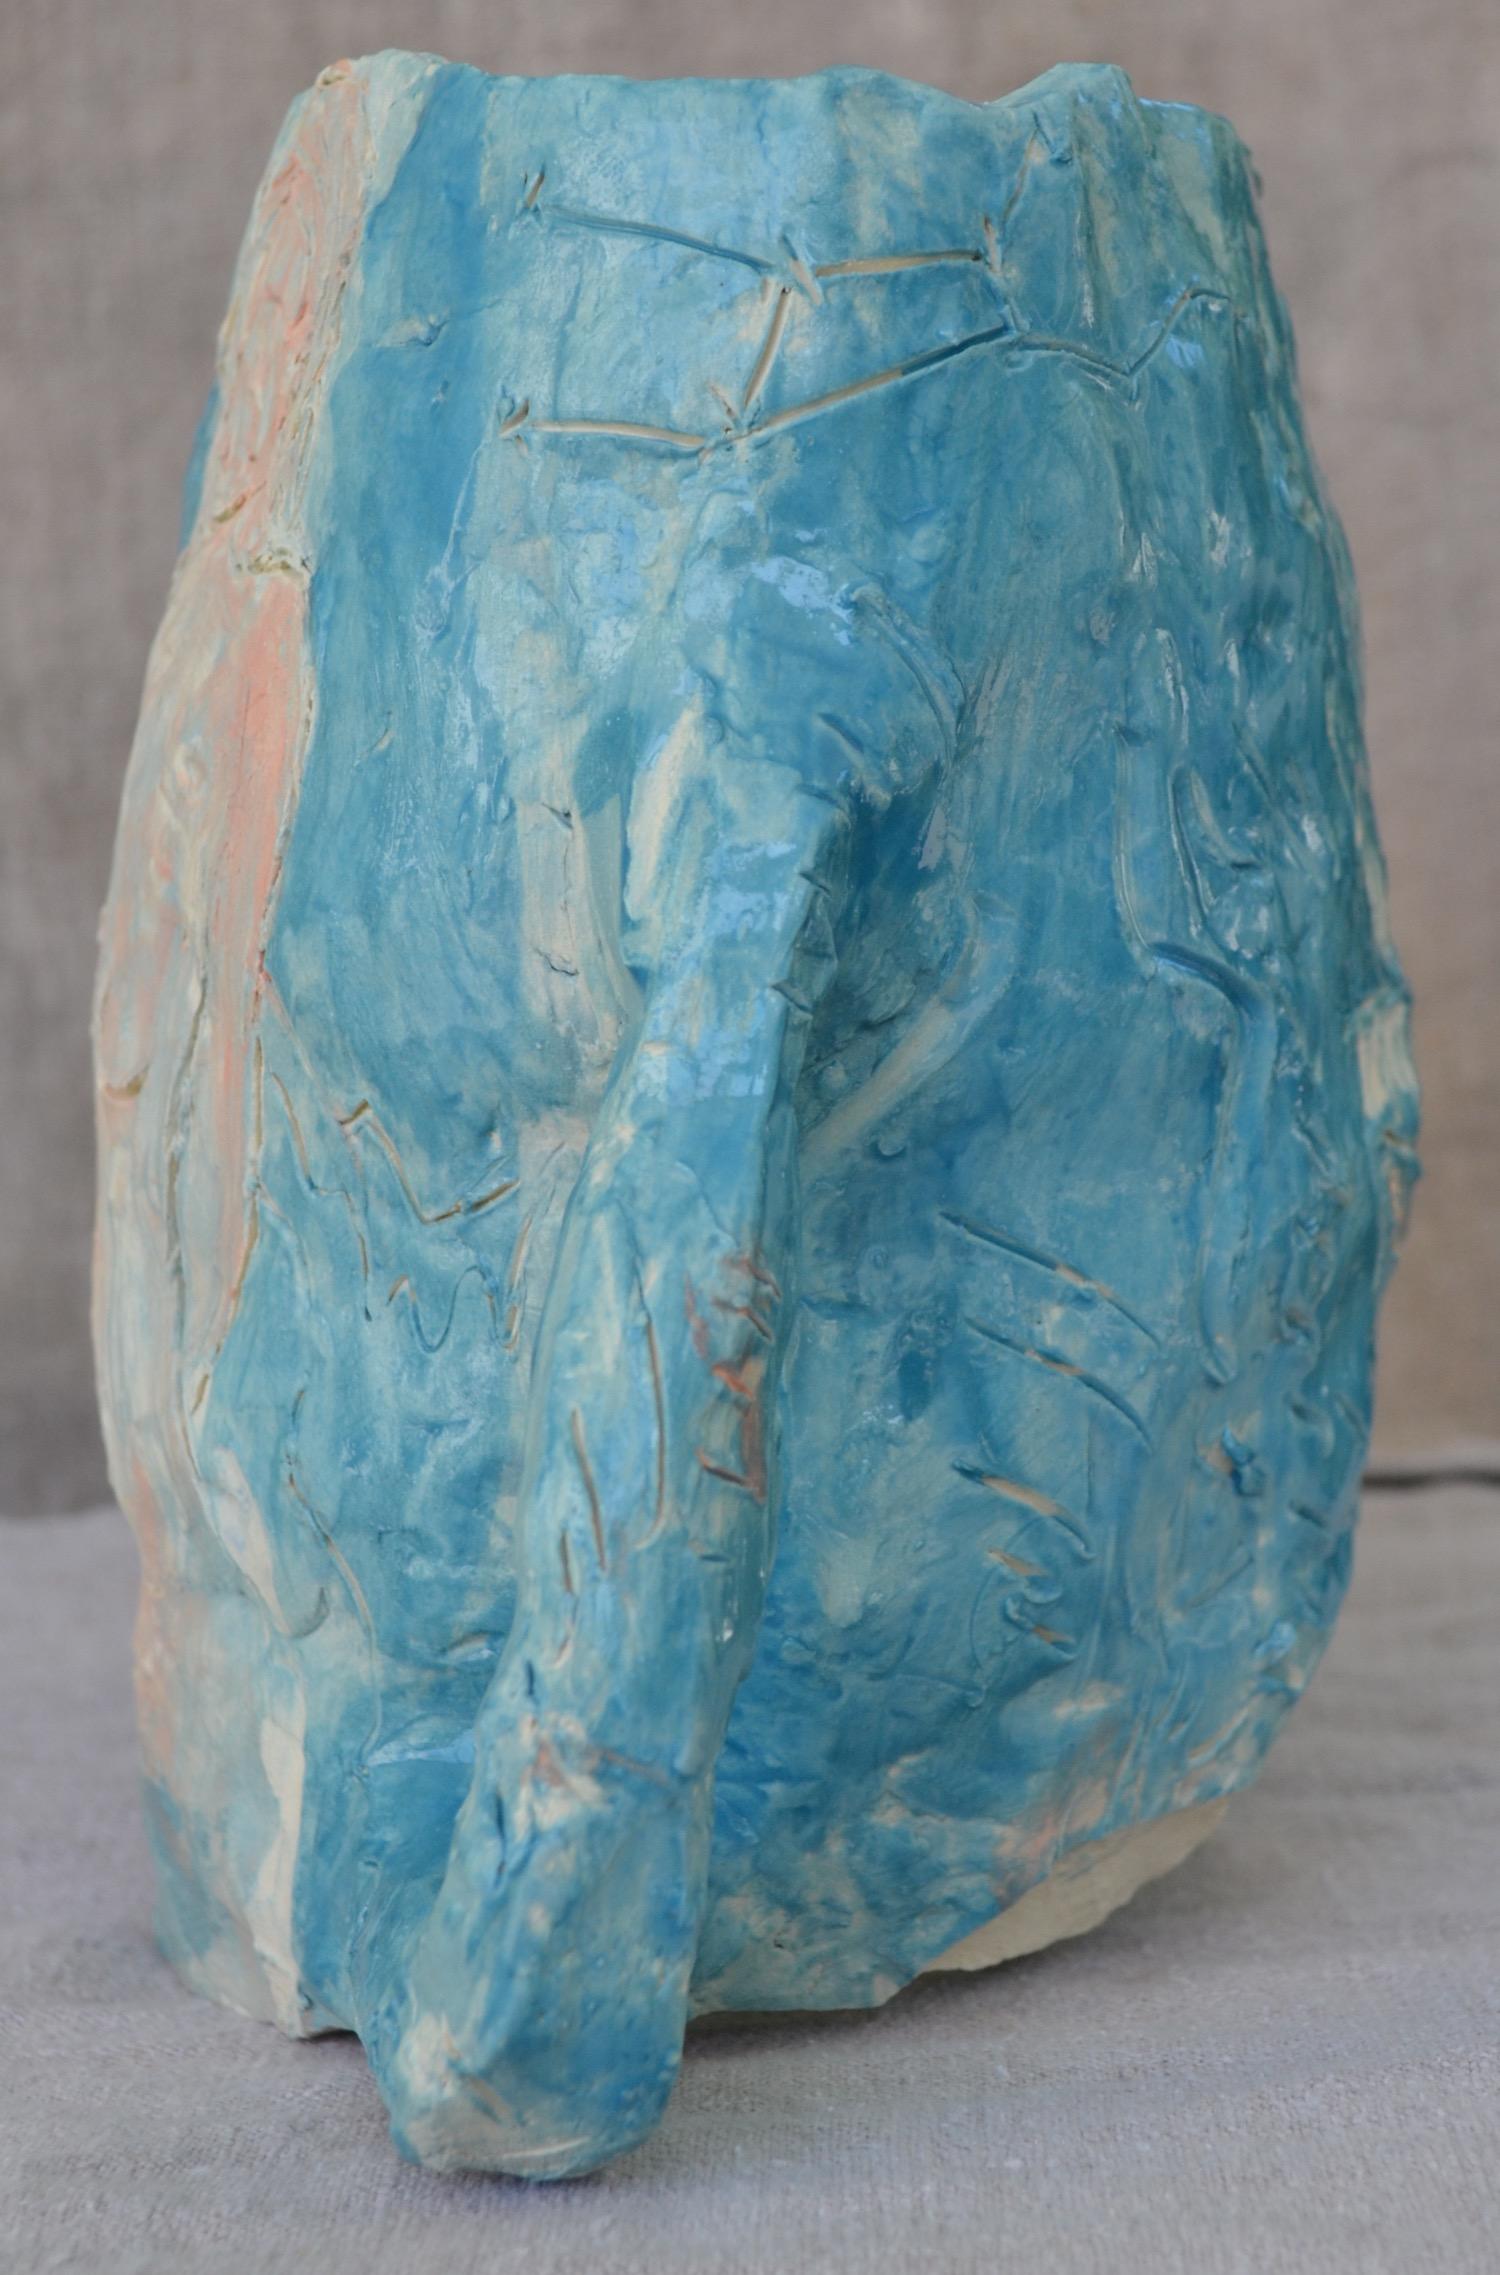 Fractured_Vase_Side.jpg